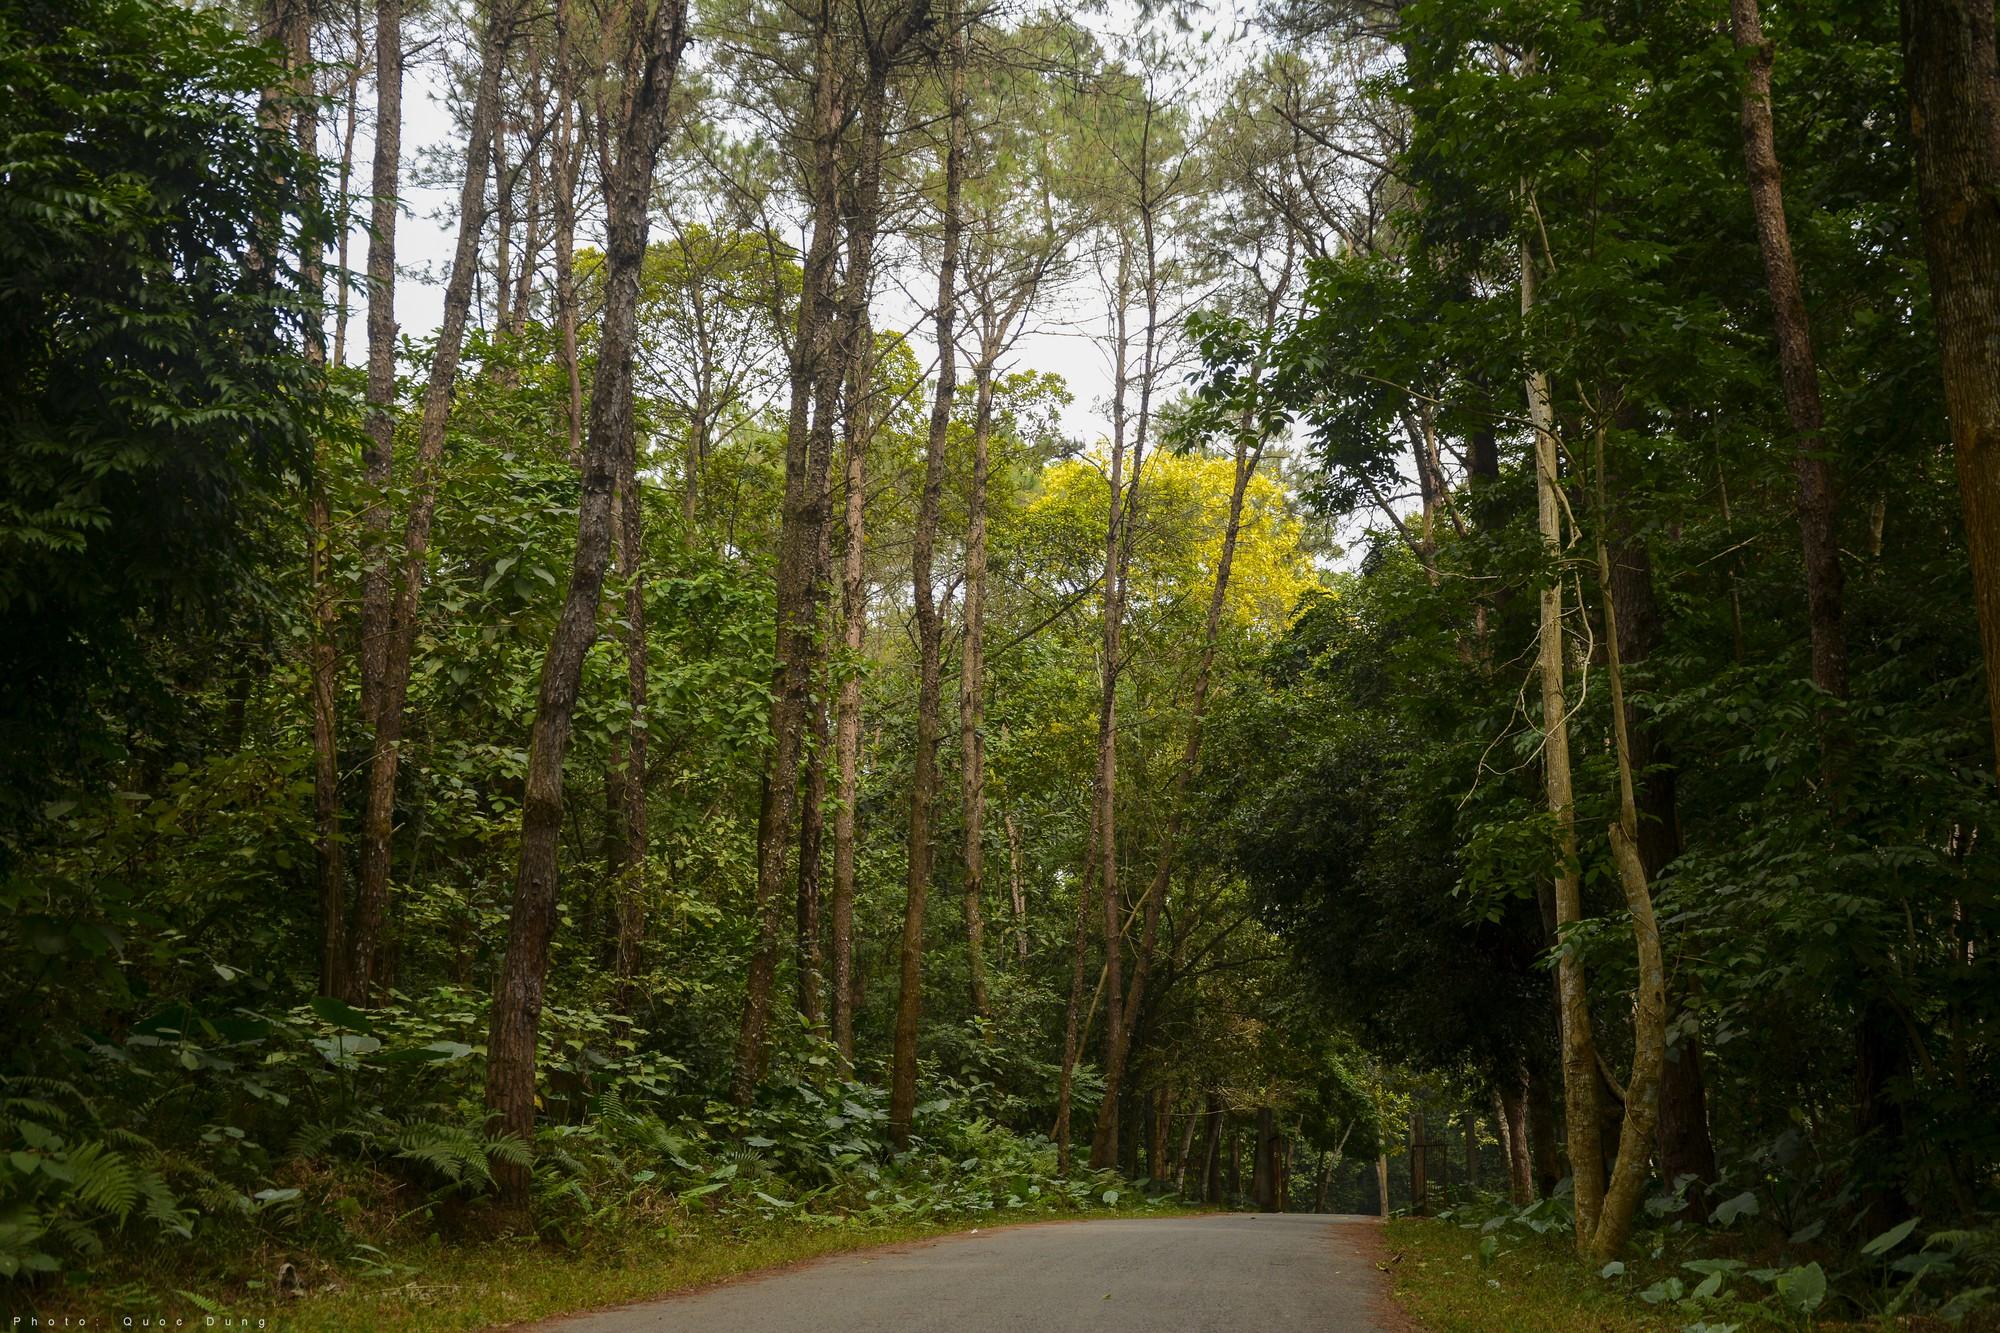 Đây là Đại học duy nhất ở Việt Nam có 1 khu rừng tuyệt đẹp ngay trong khuôn viên trường, tha hồ sống ảo - Ảnh 4.